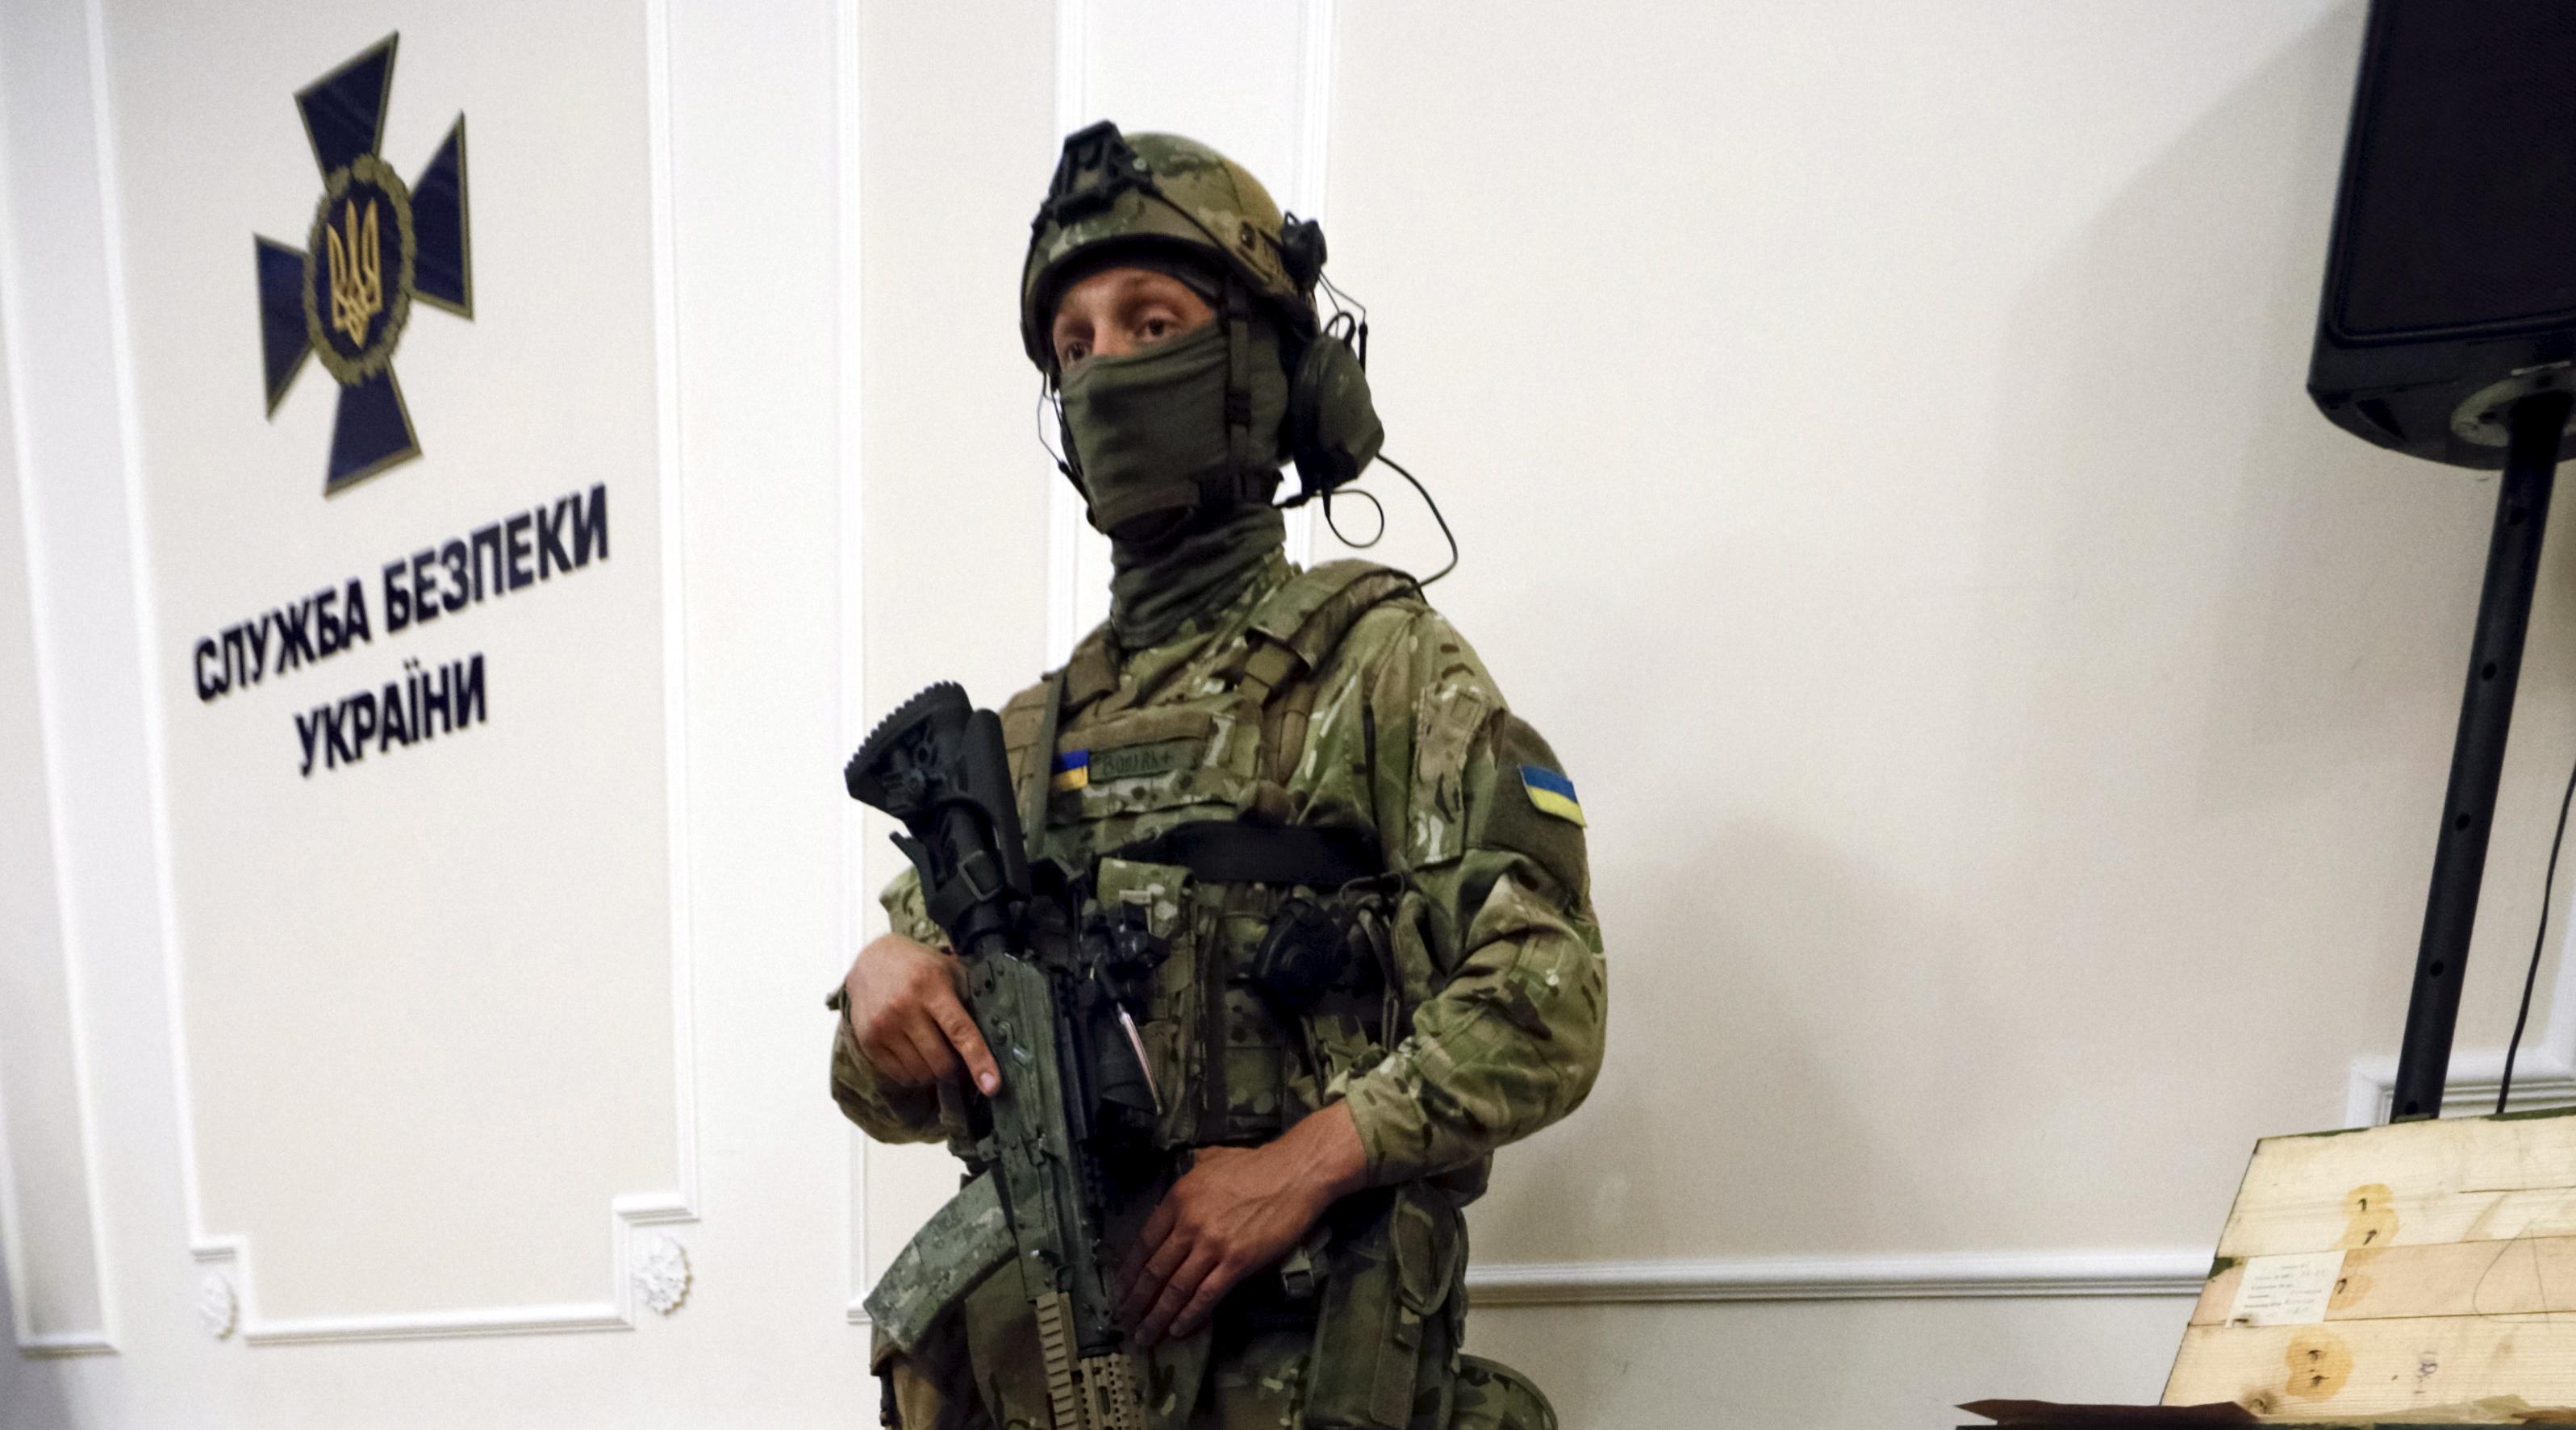 Спецслужби Росії намагалися завербувати працівника одного з підприємств Укроборонпрому